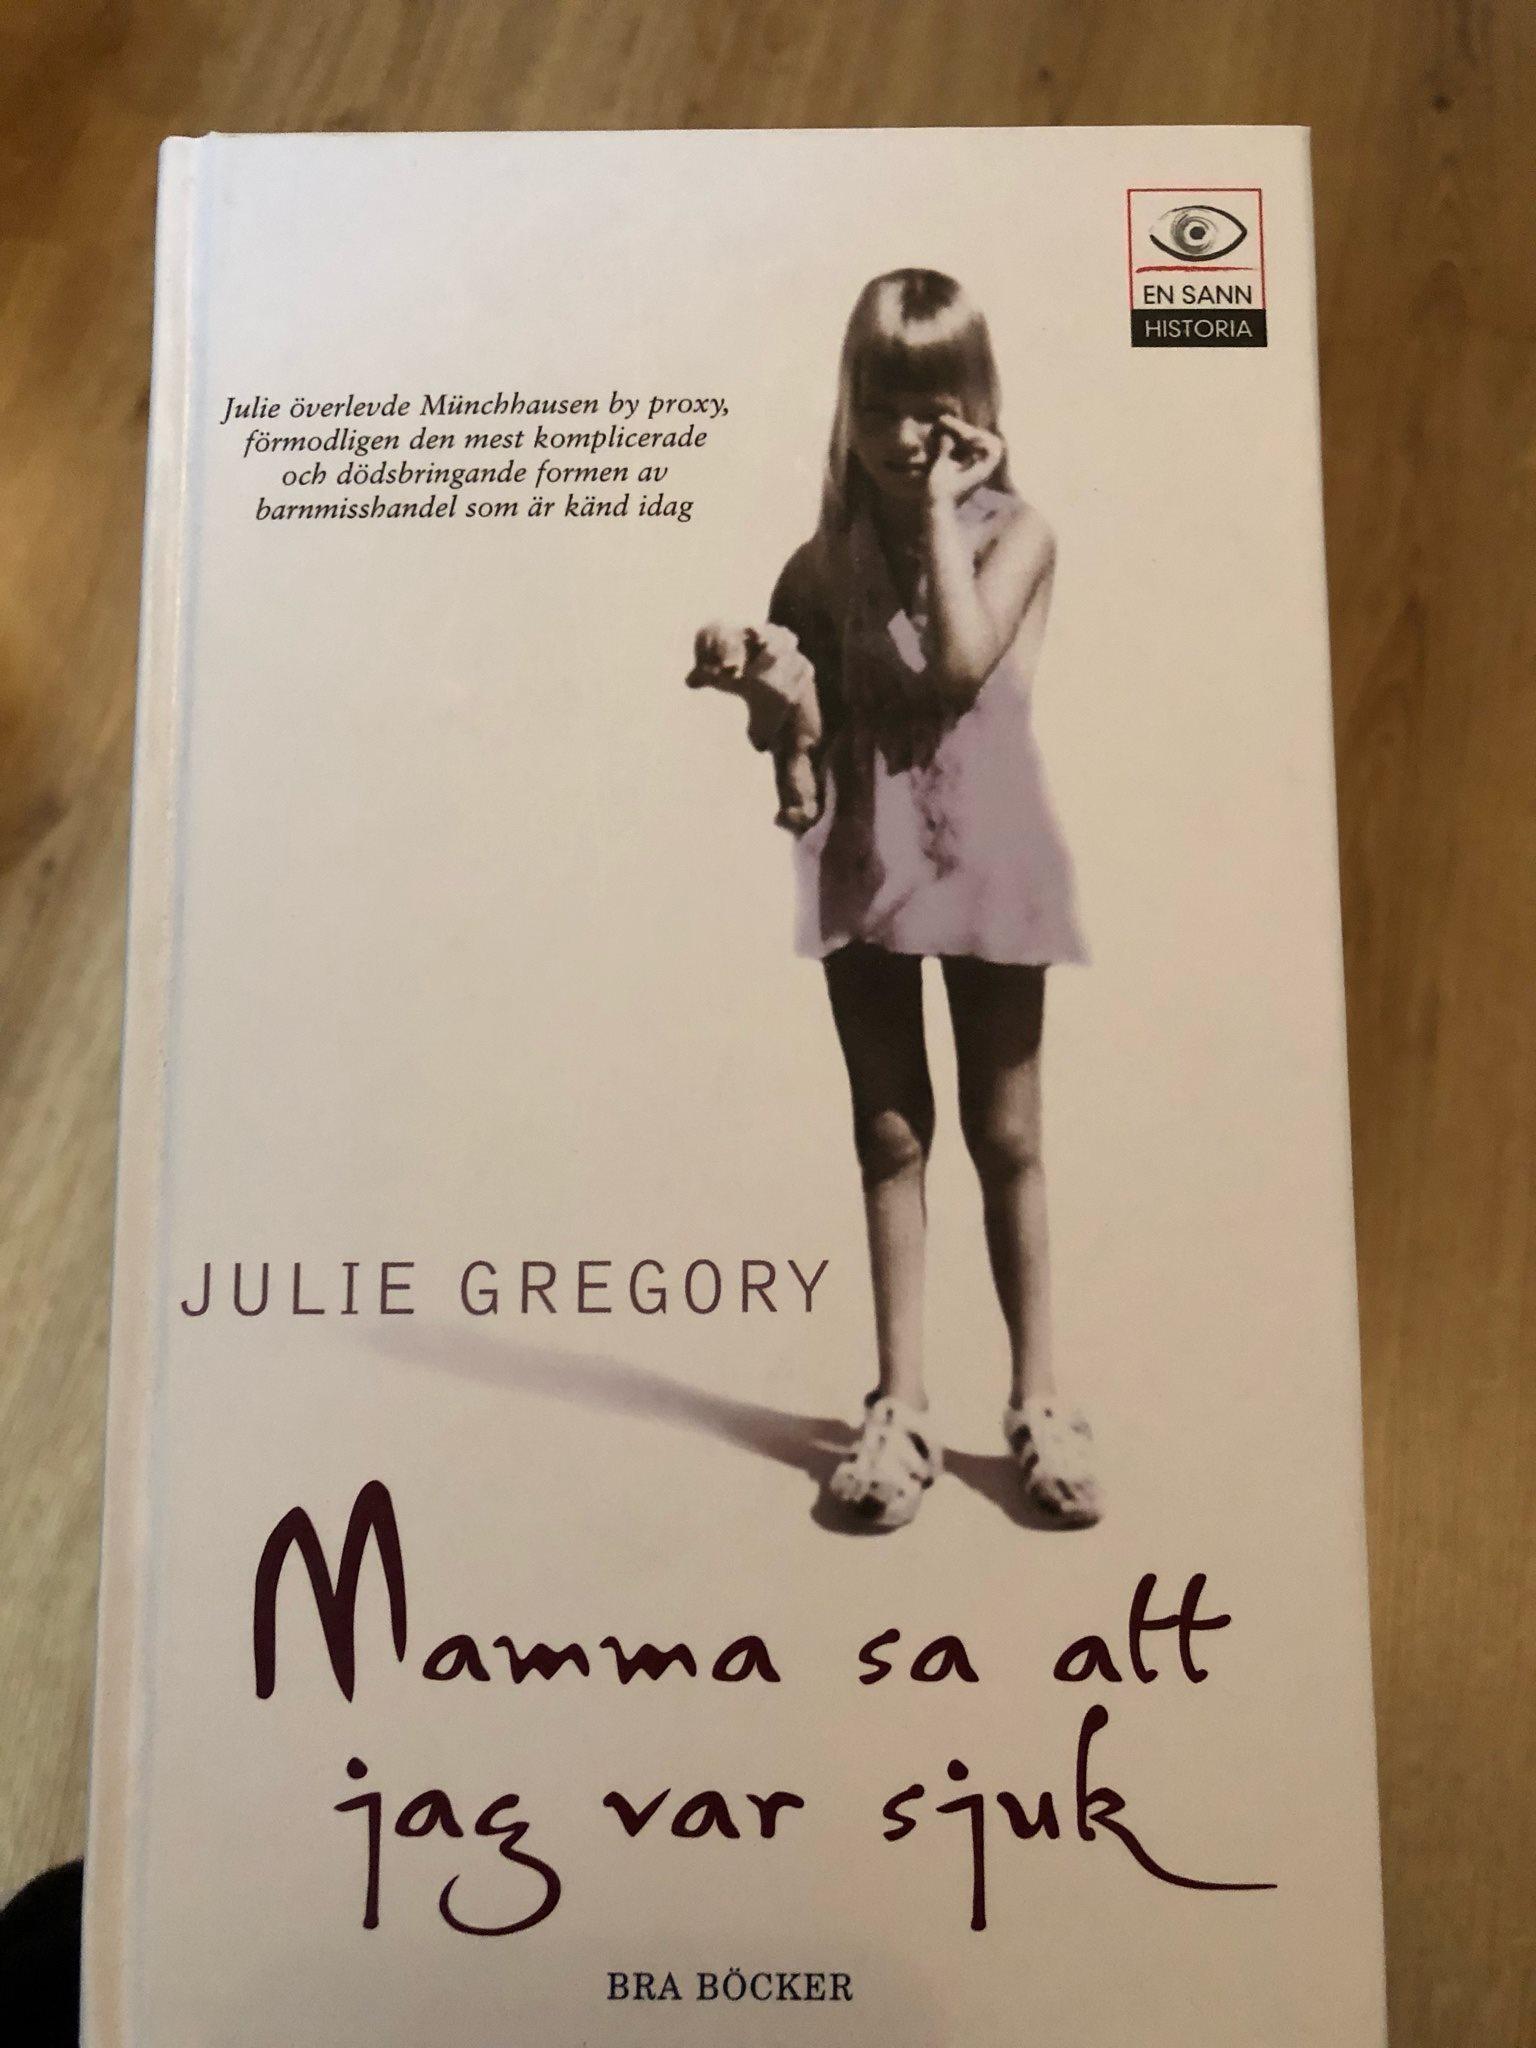 Mamma Sa Att Jag Var Sjuk Av Julie Gregory 338200200 ᐈ Köp På Tradera